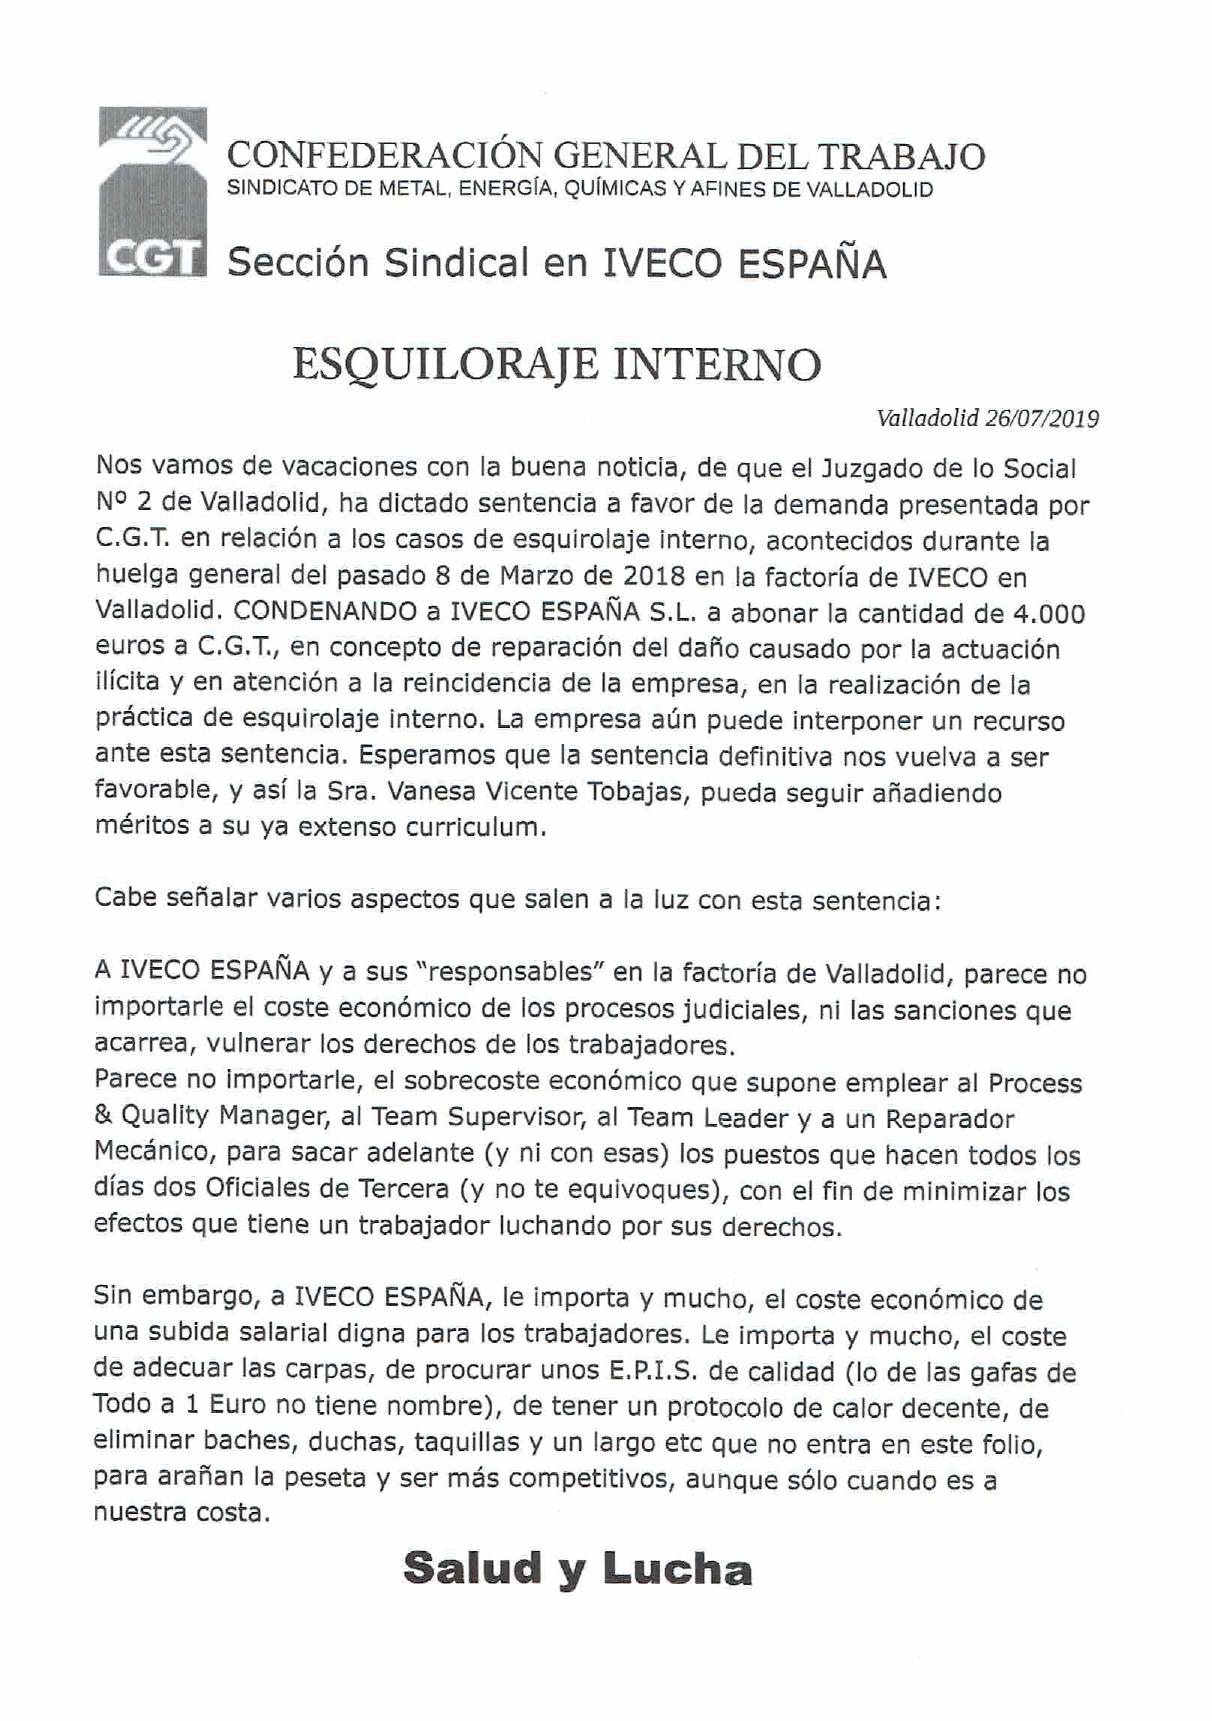 comunicado CGT juicio esquirolaje 8M 2018 26-7-2019_page-0001